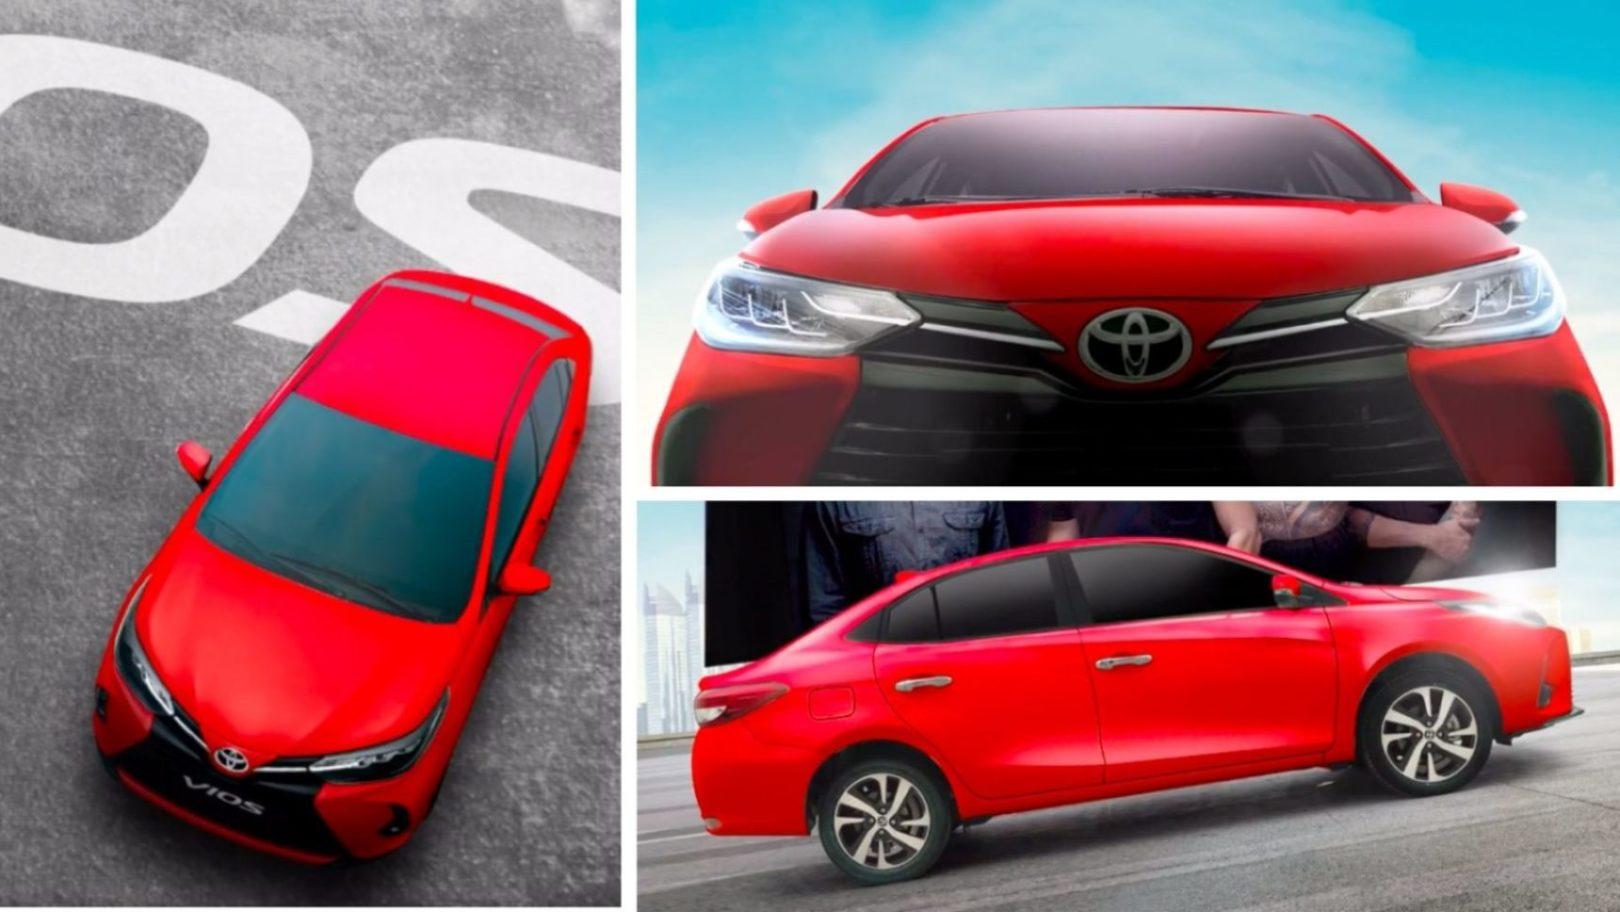 Kelebihan Honda Vios Top Model Tahun Ini